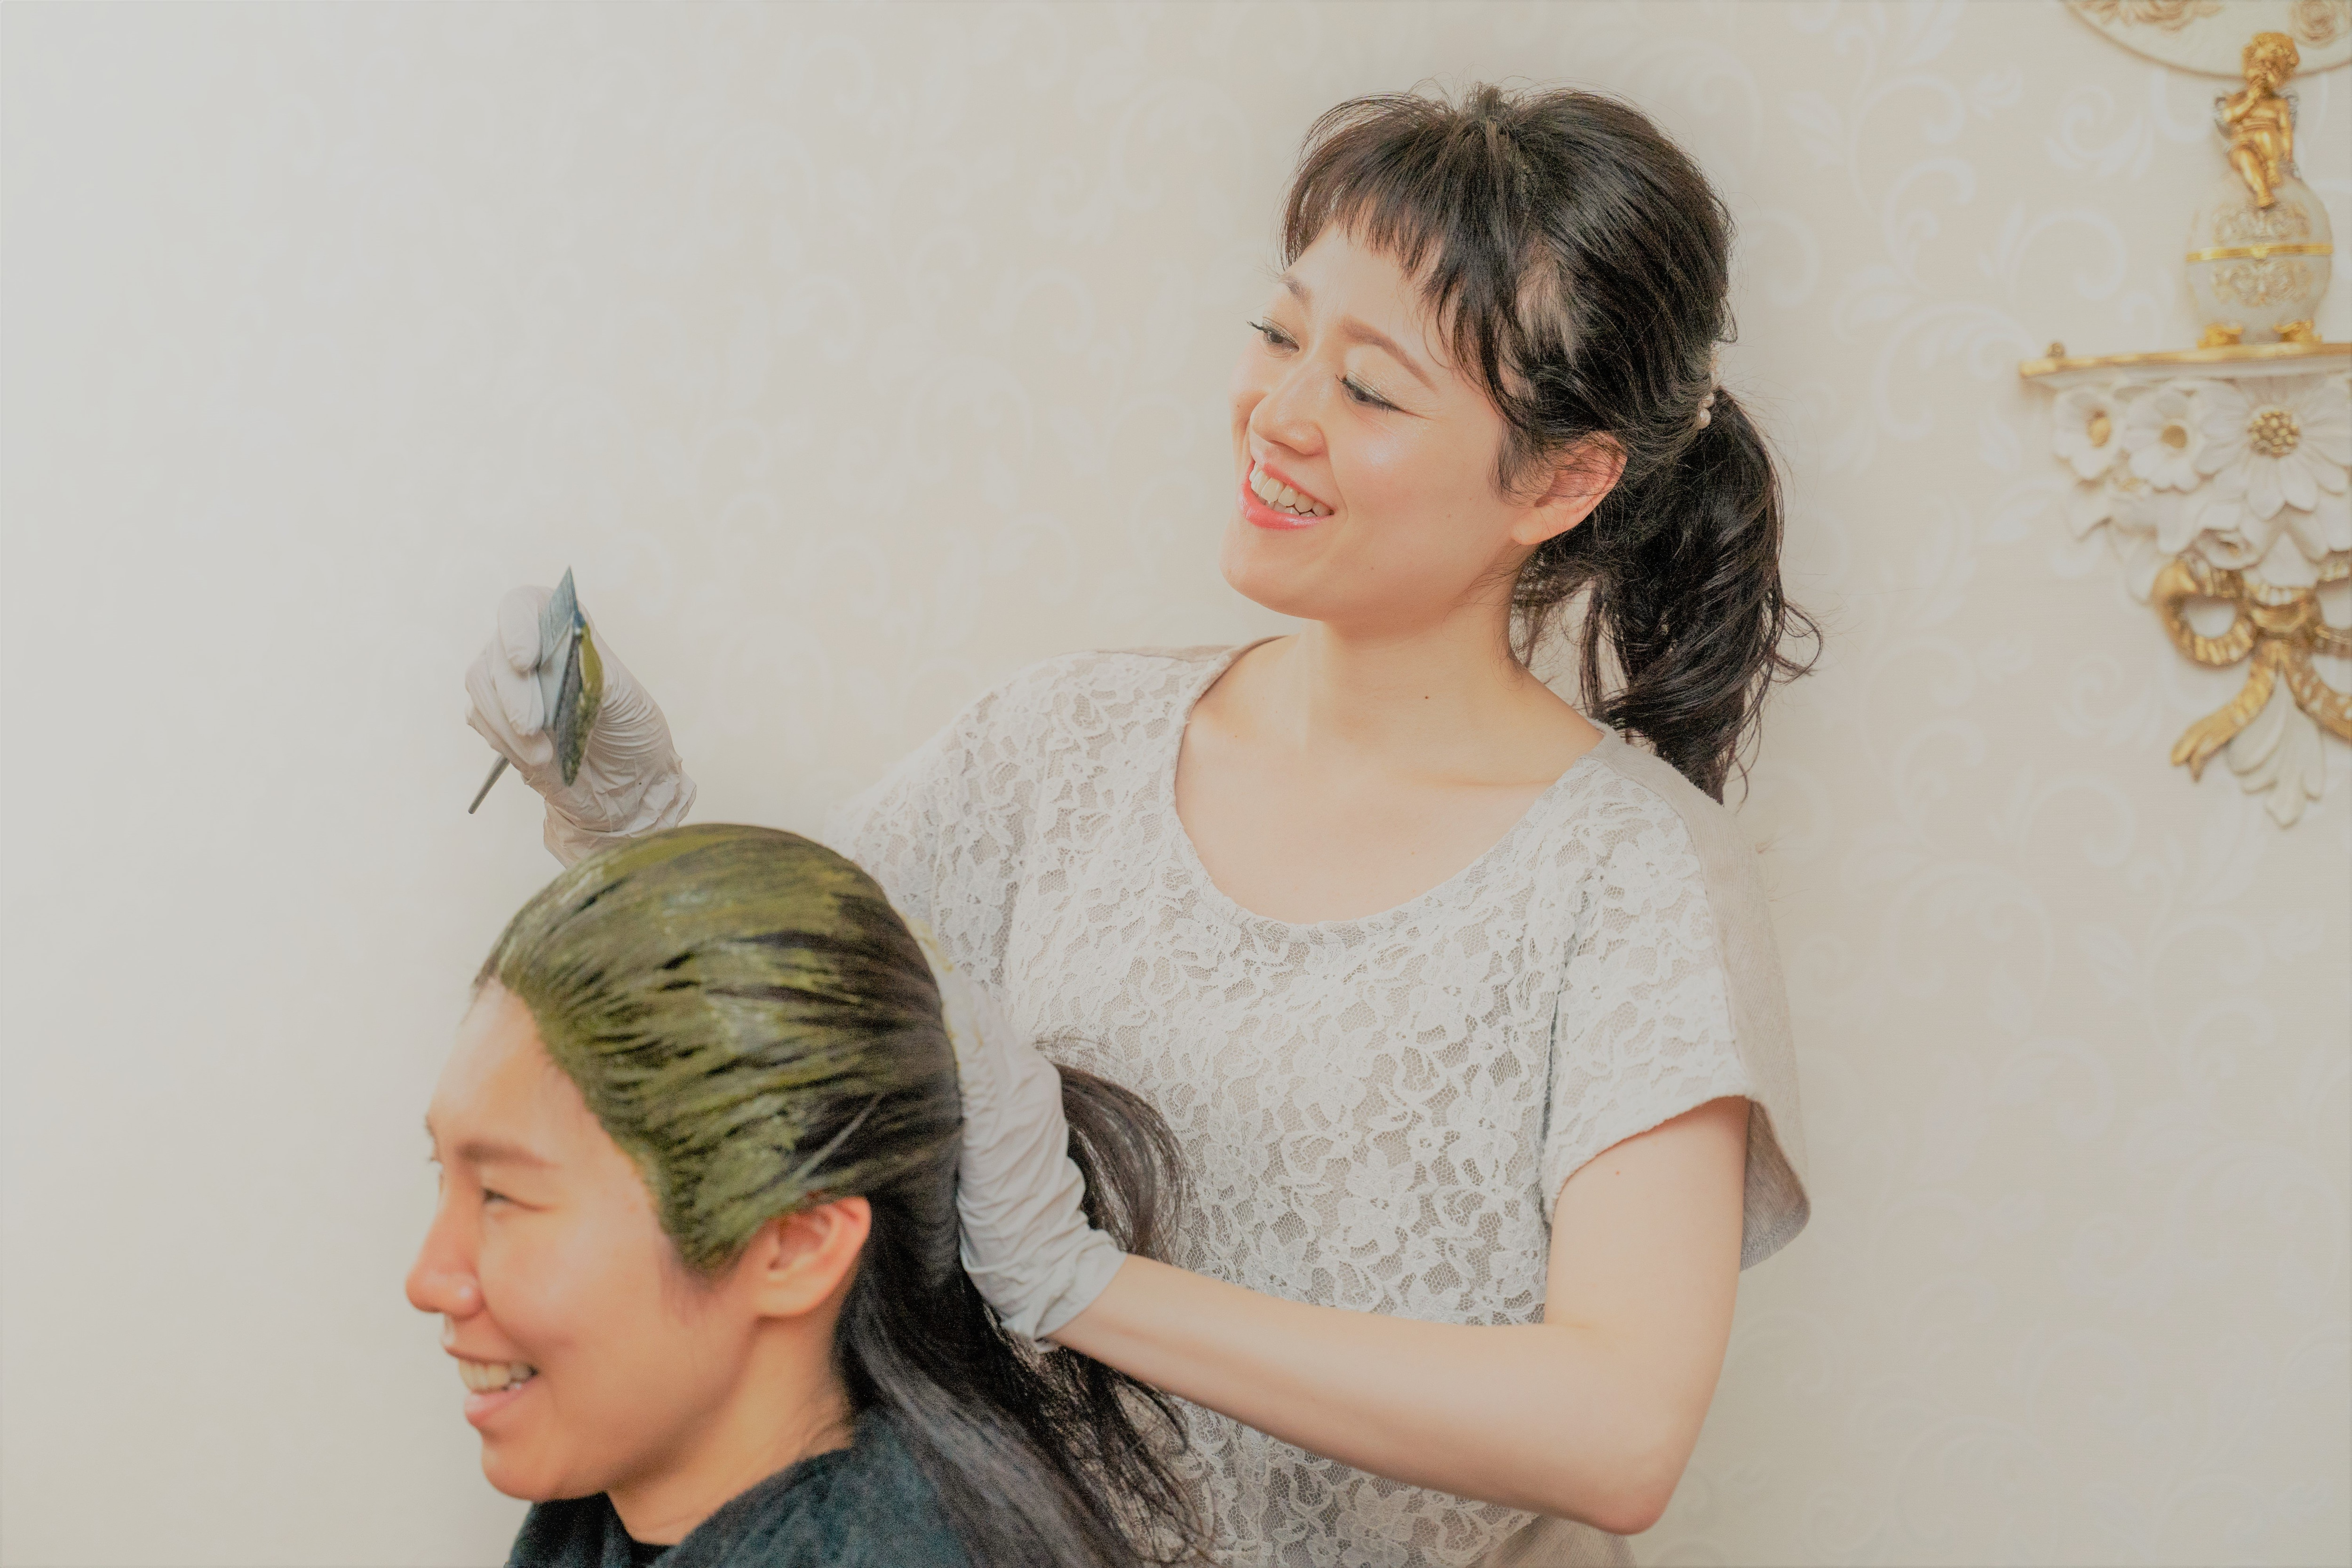 【ヘナ】ツヤ髪&ふわ髪&デトックス💜肩甲骨までのロング(Ⅰ)のイメージその1